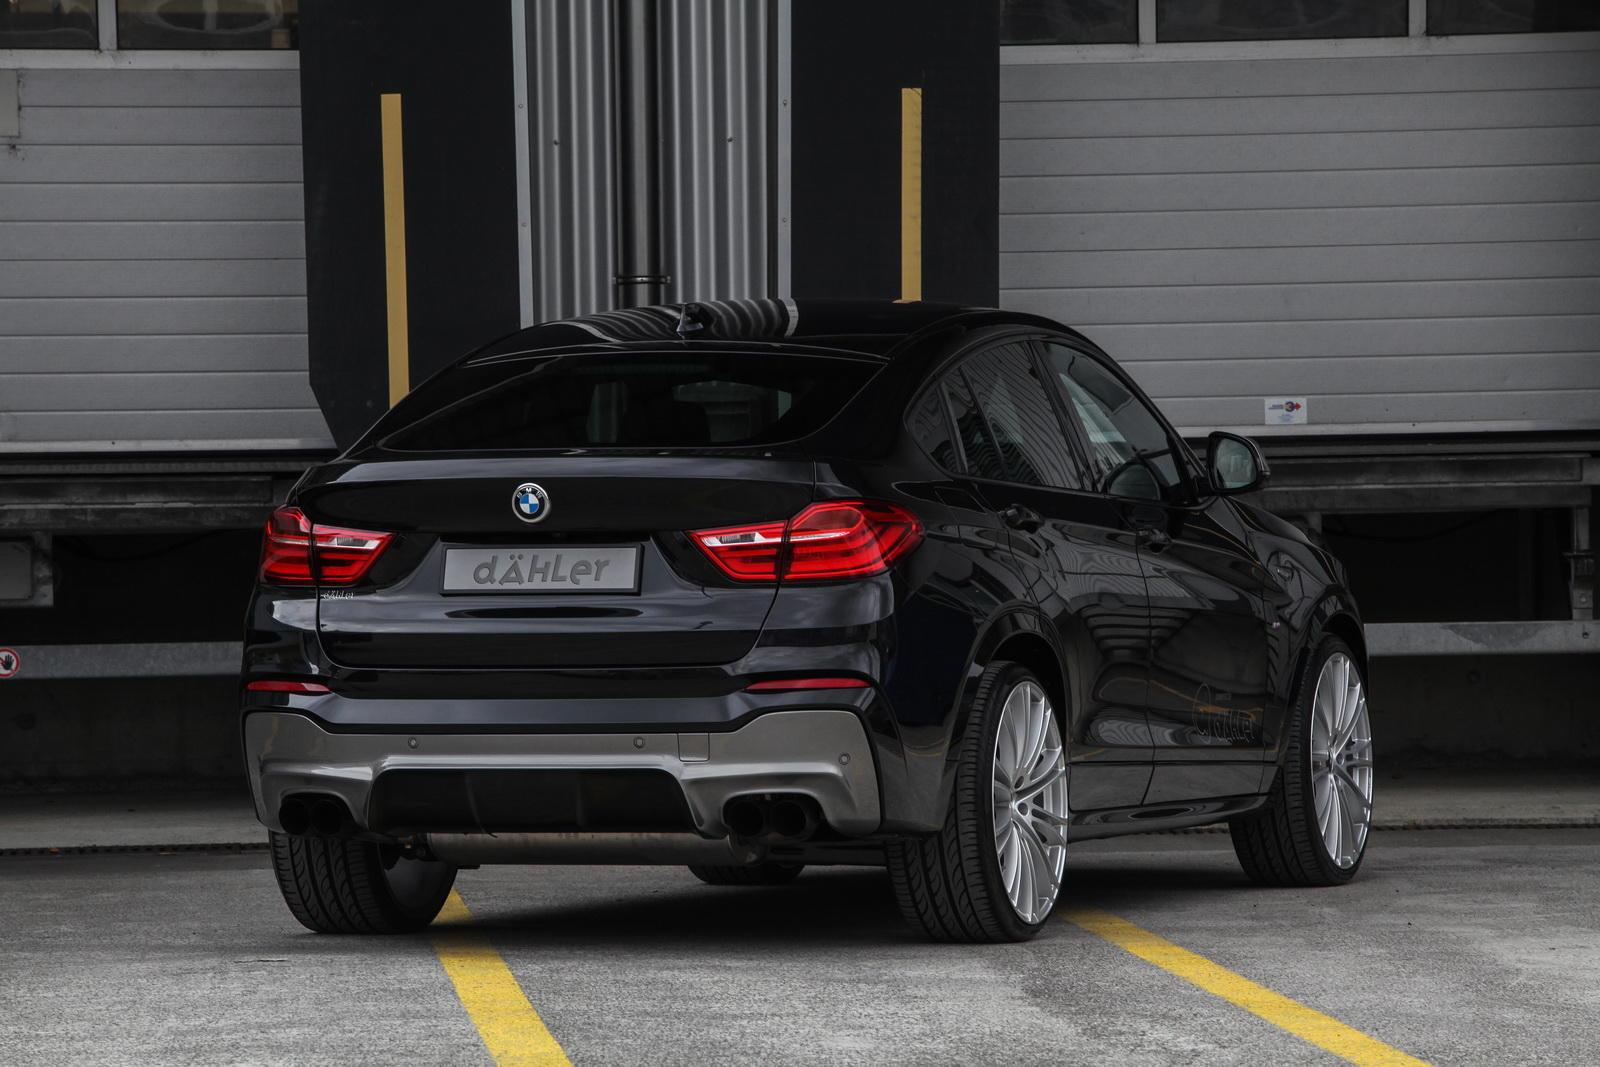 BMW X4 M40i by Dahler - BMW X4 M40i by Dahler